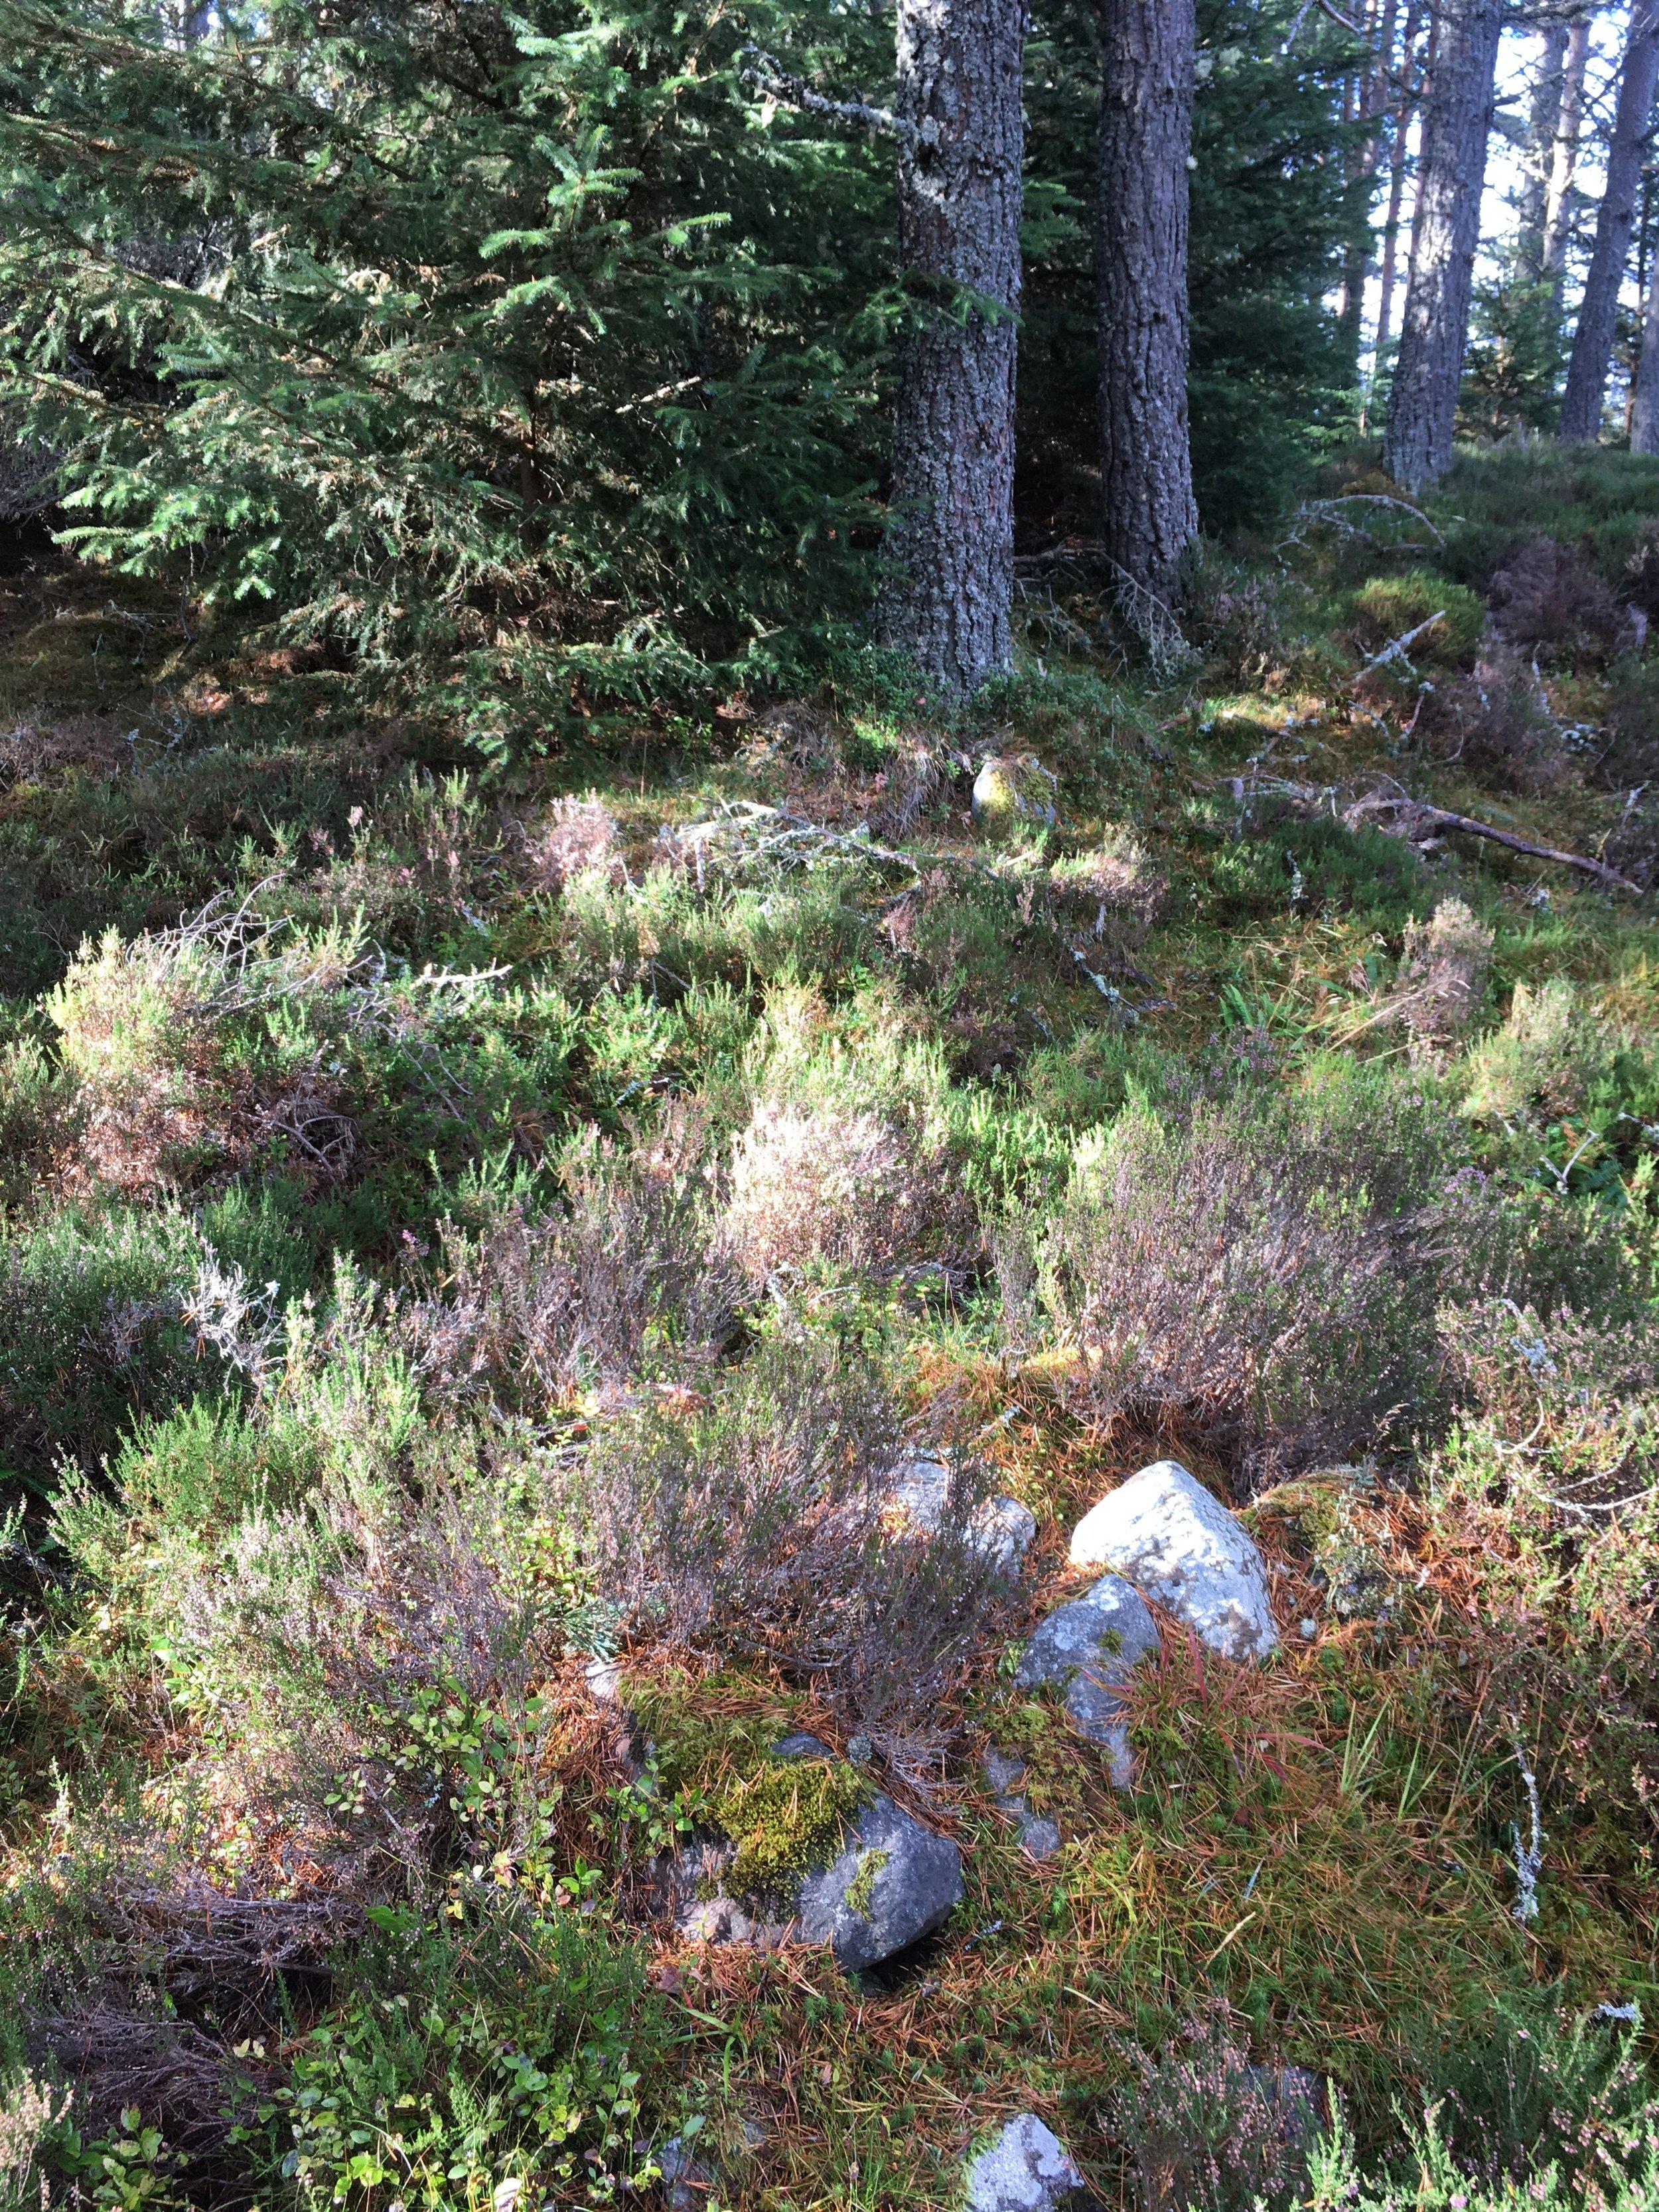 Uaigh an duine bheò / The Living man's grave